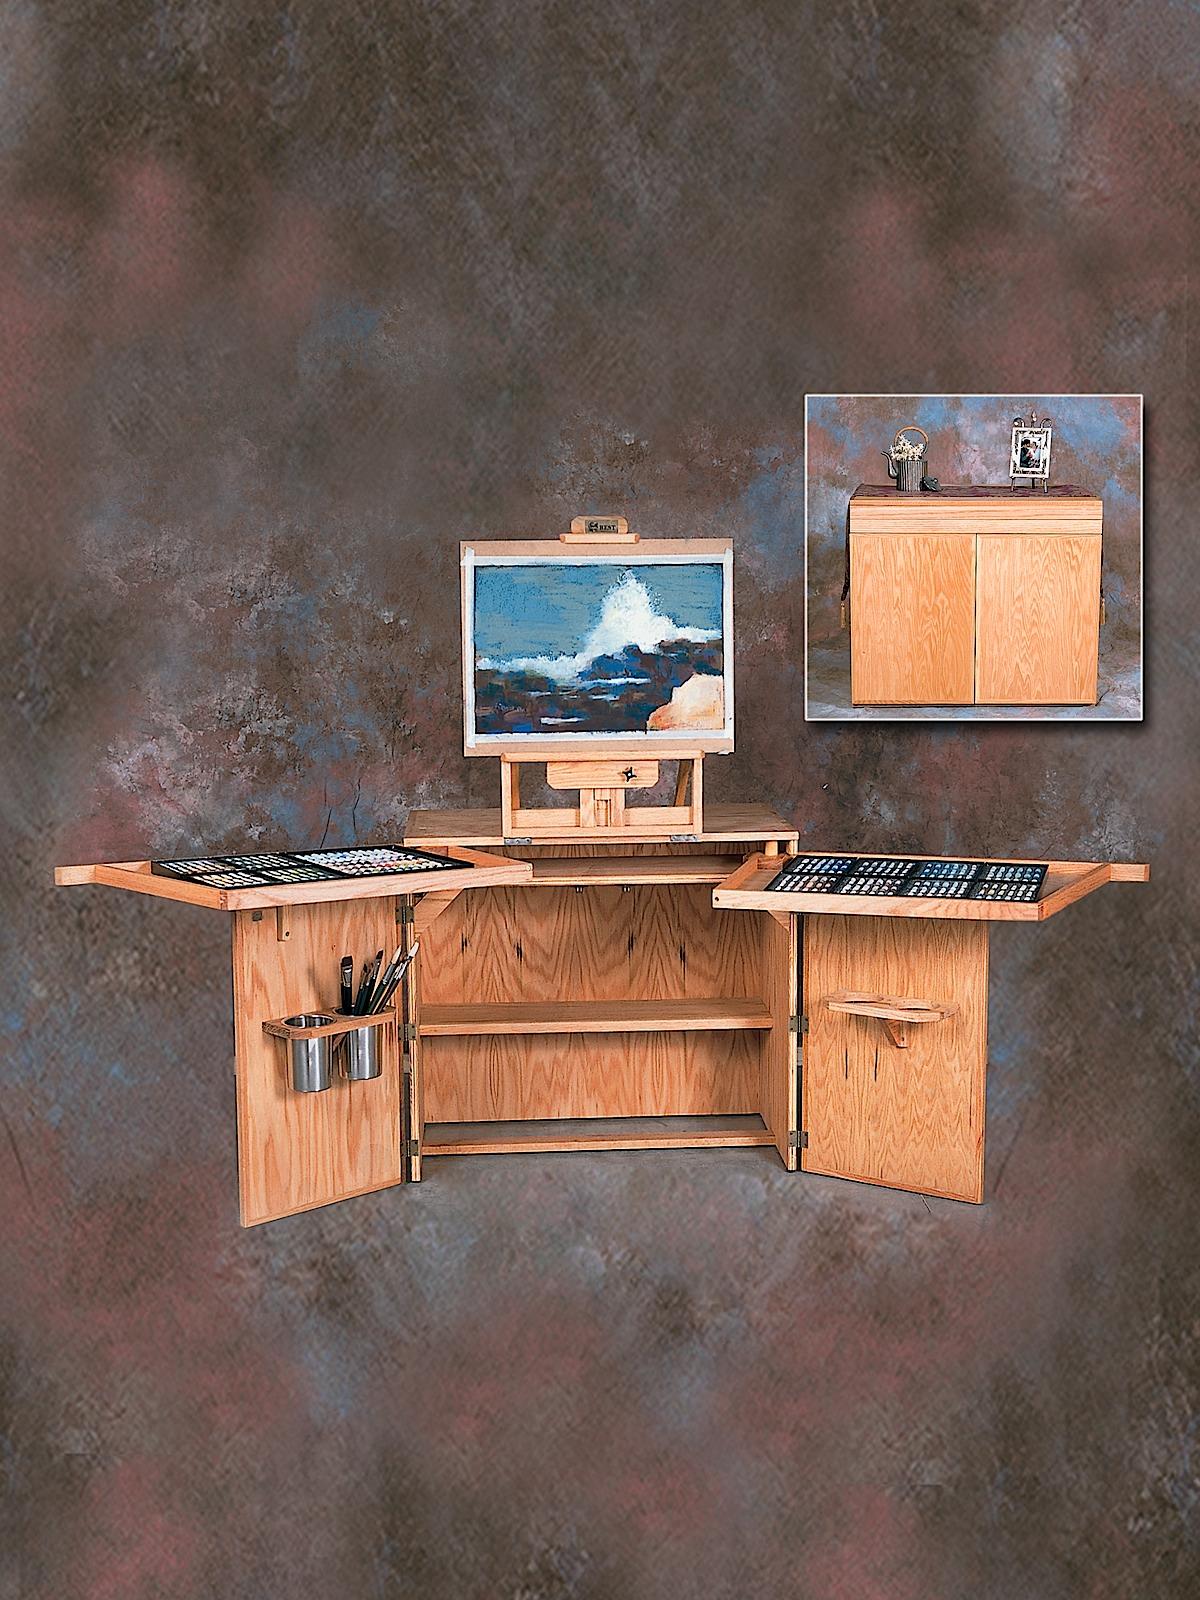 Urania's Desk